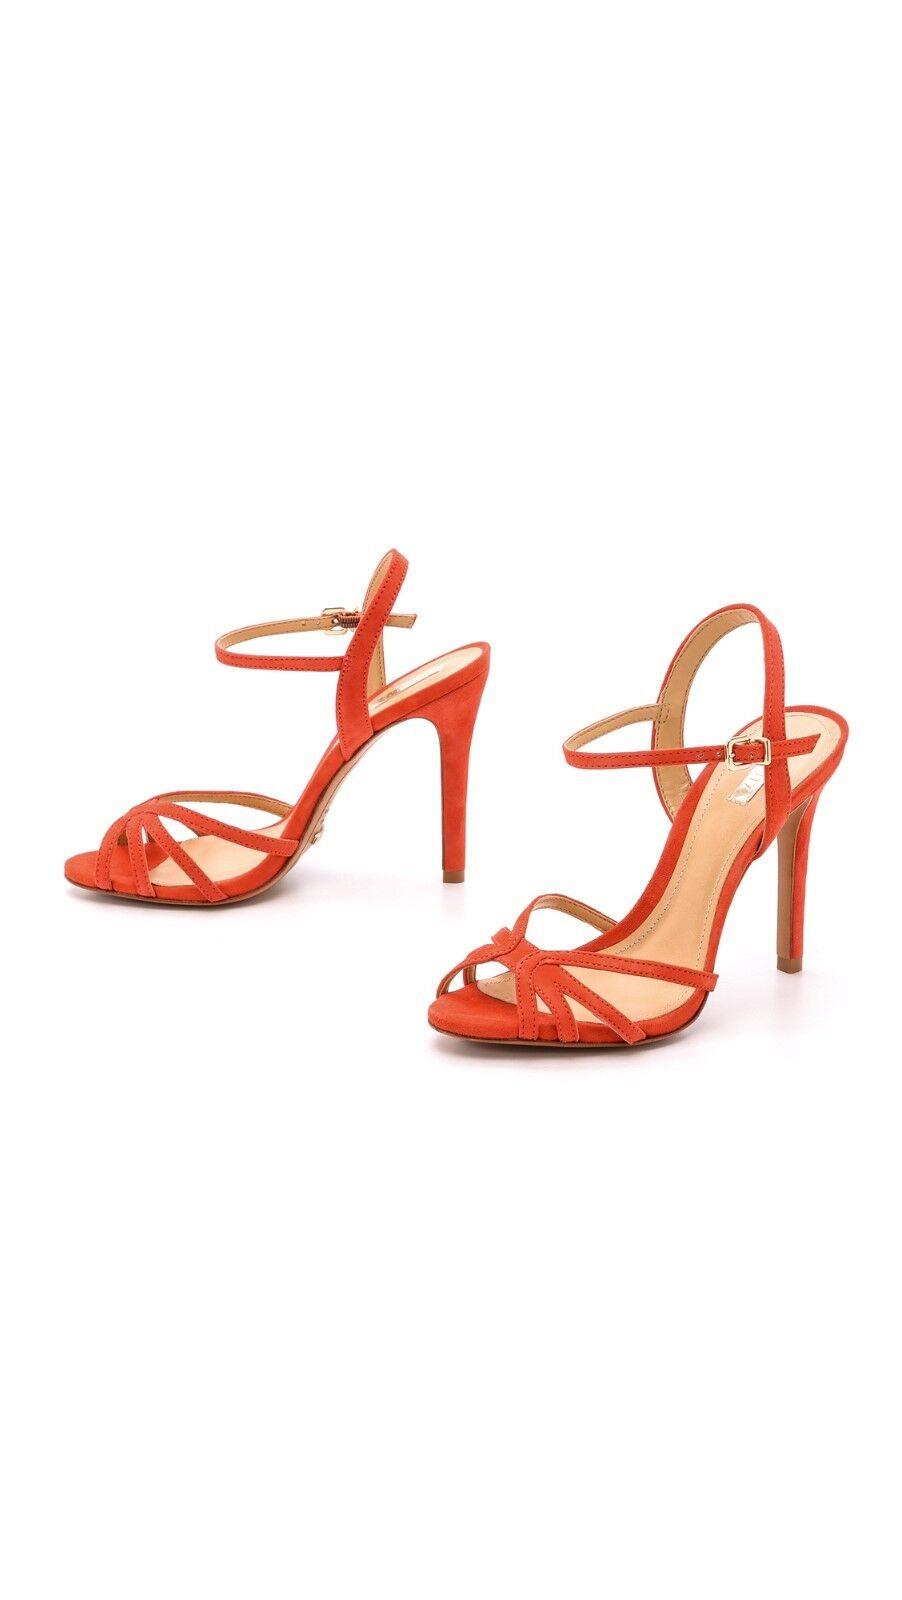 Schutz Dunna strappy 6.5B vintage heels Sandales, Spicy Orange SIZE 6.5B strappy 6.5 B 710b03